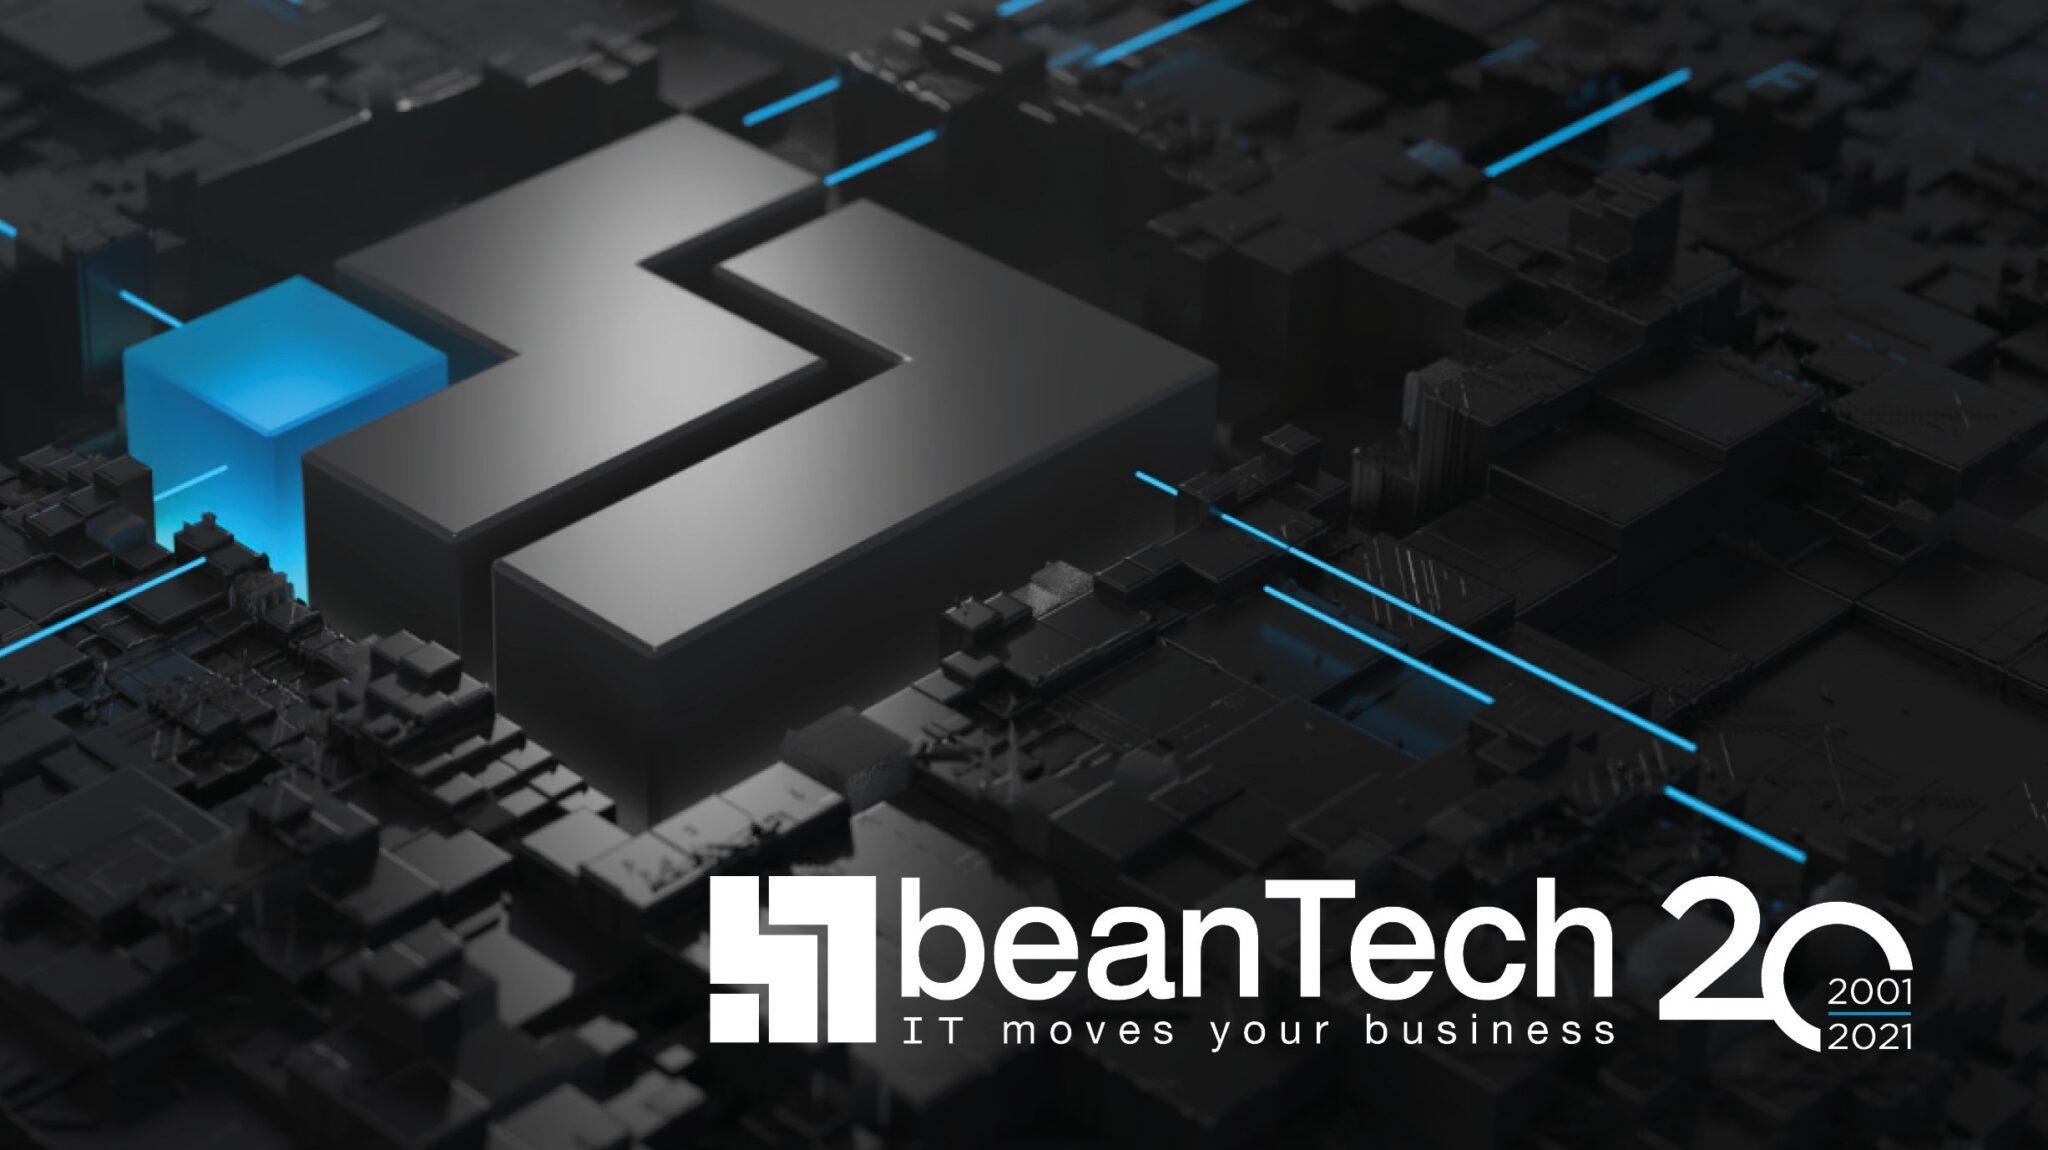 beanTech, la PMI che ha trasformato il welfare aziendale in ricchezza